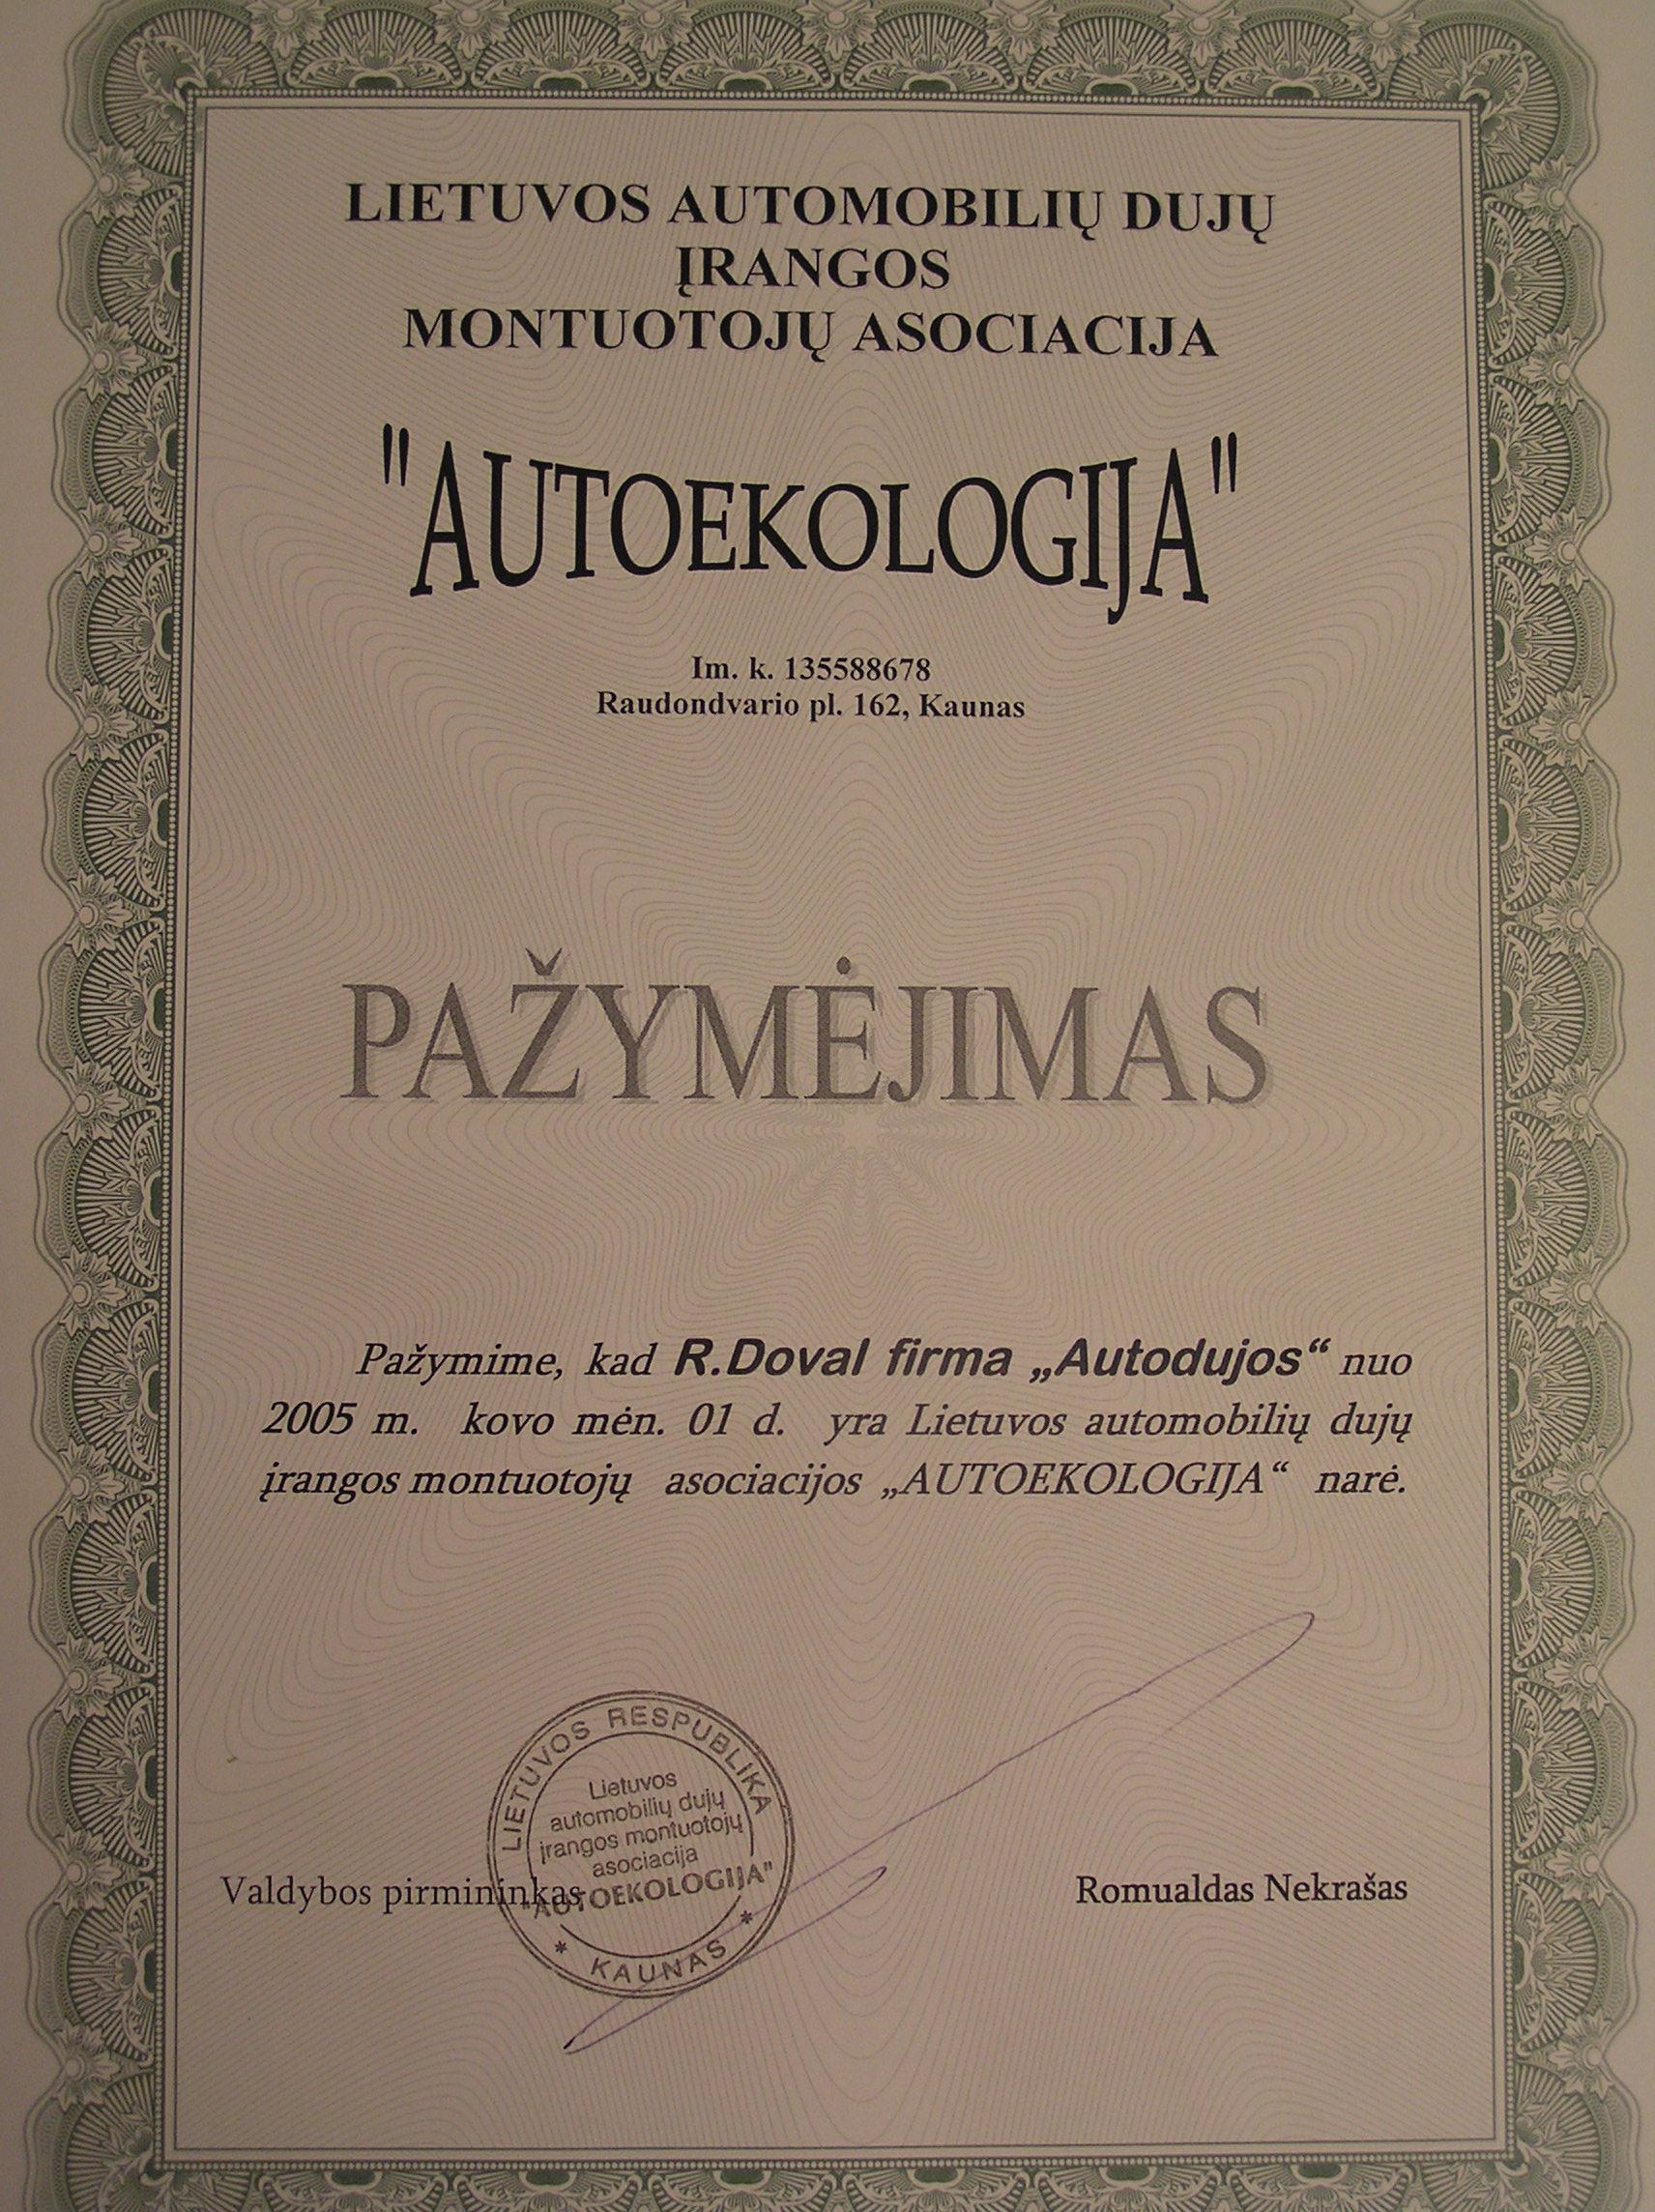 Autoekologija pažymėjimas